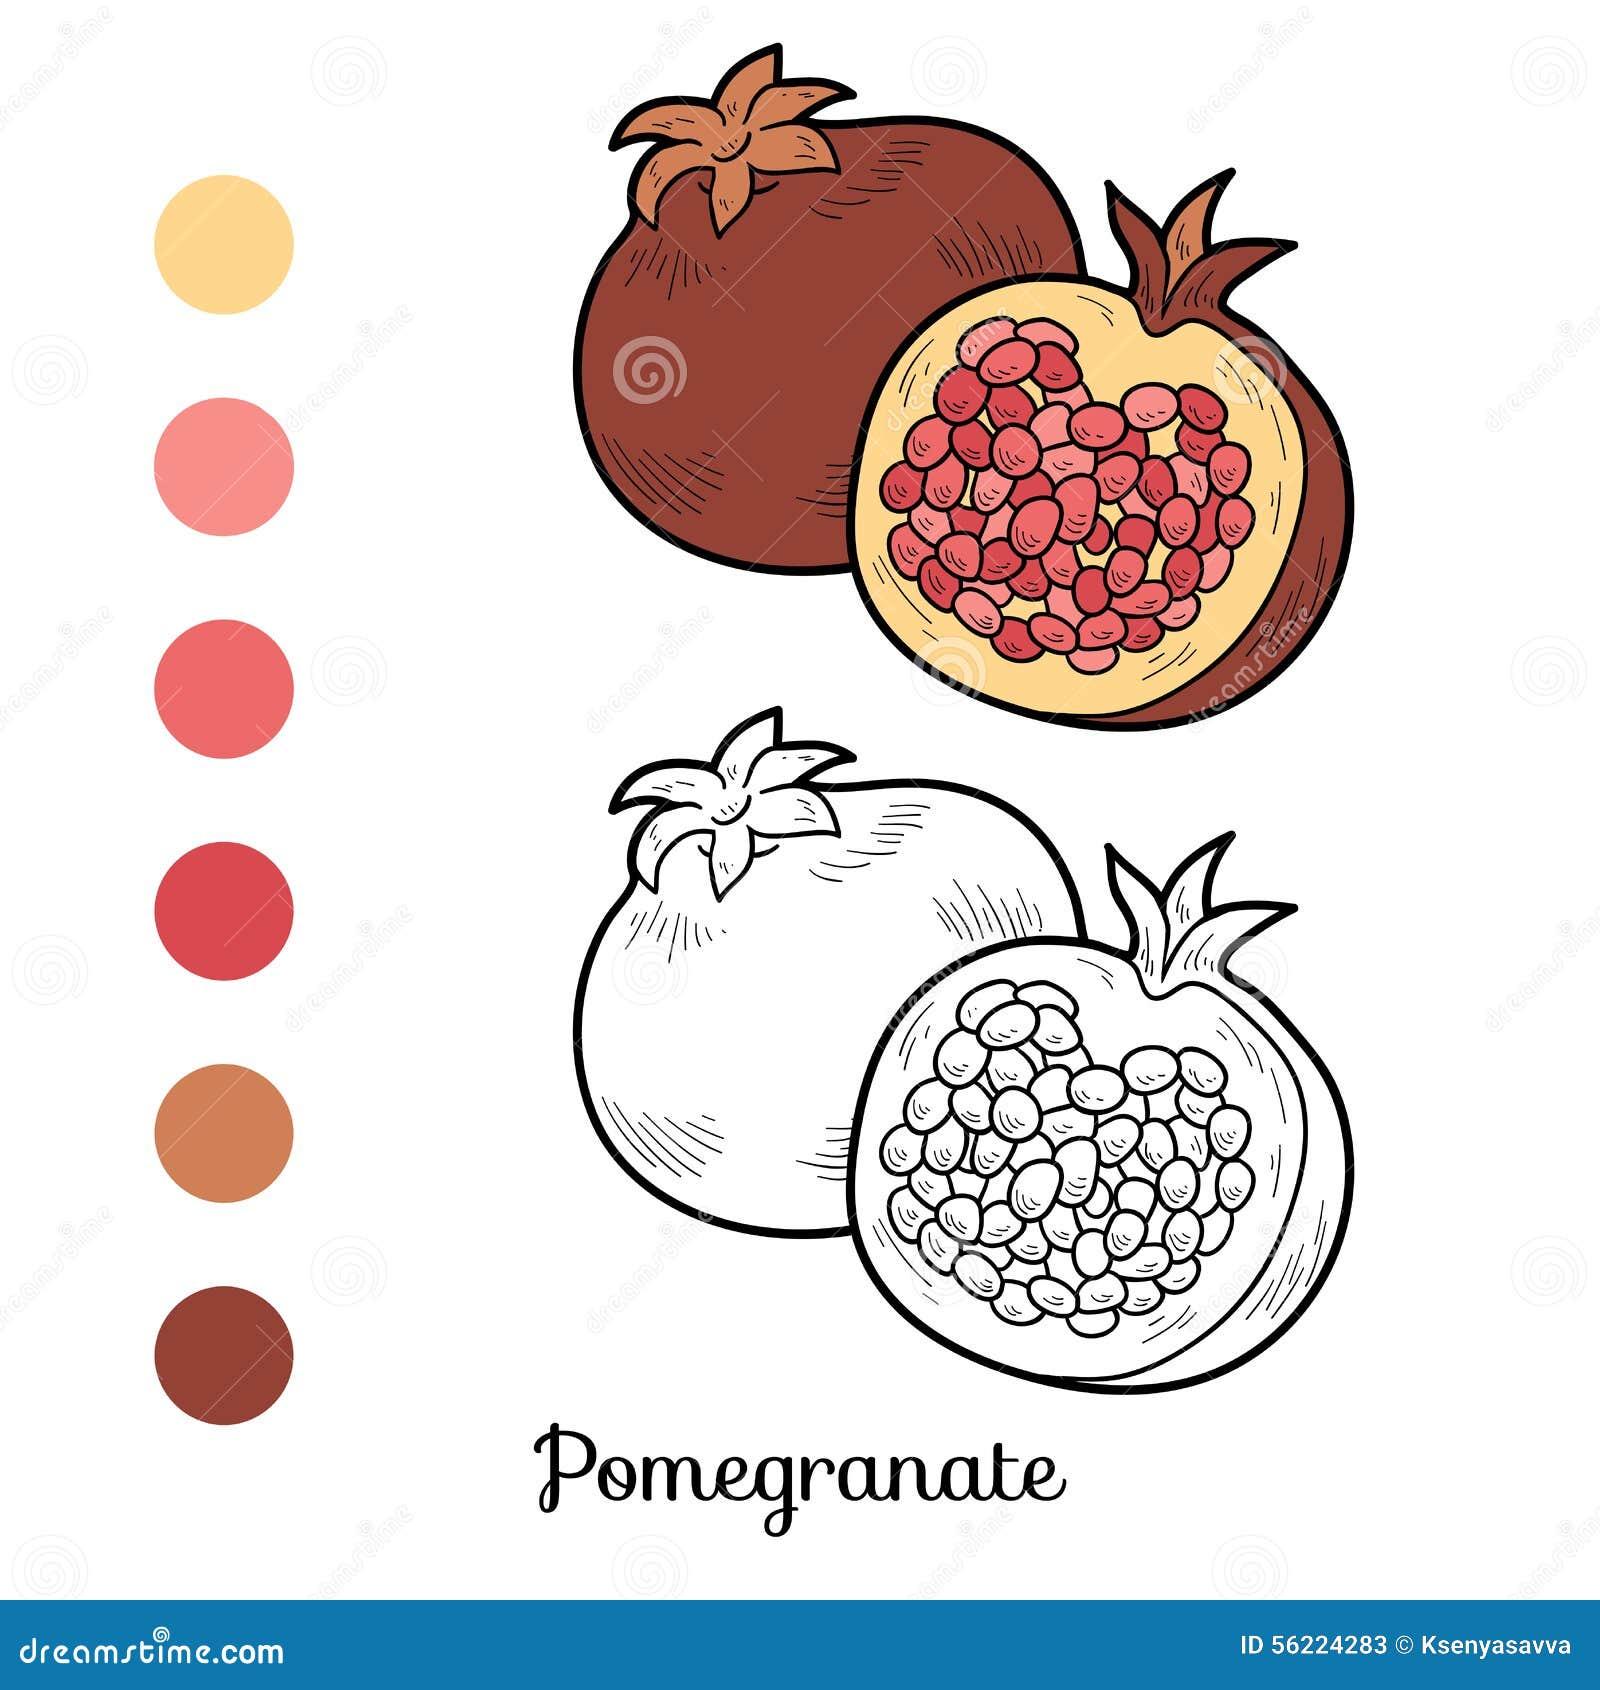 Livre de coloriage fruits et l gumes grenade illustration de vecteur image 56224283 - Grenade fruit dessin ...